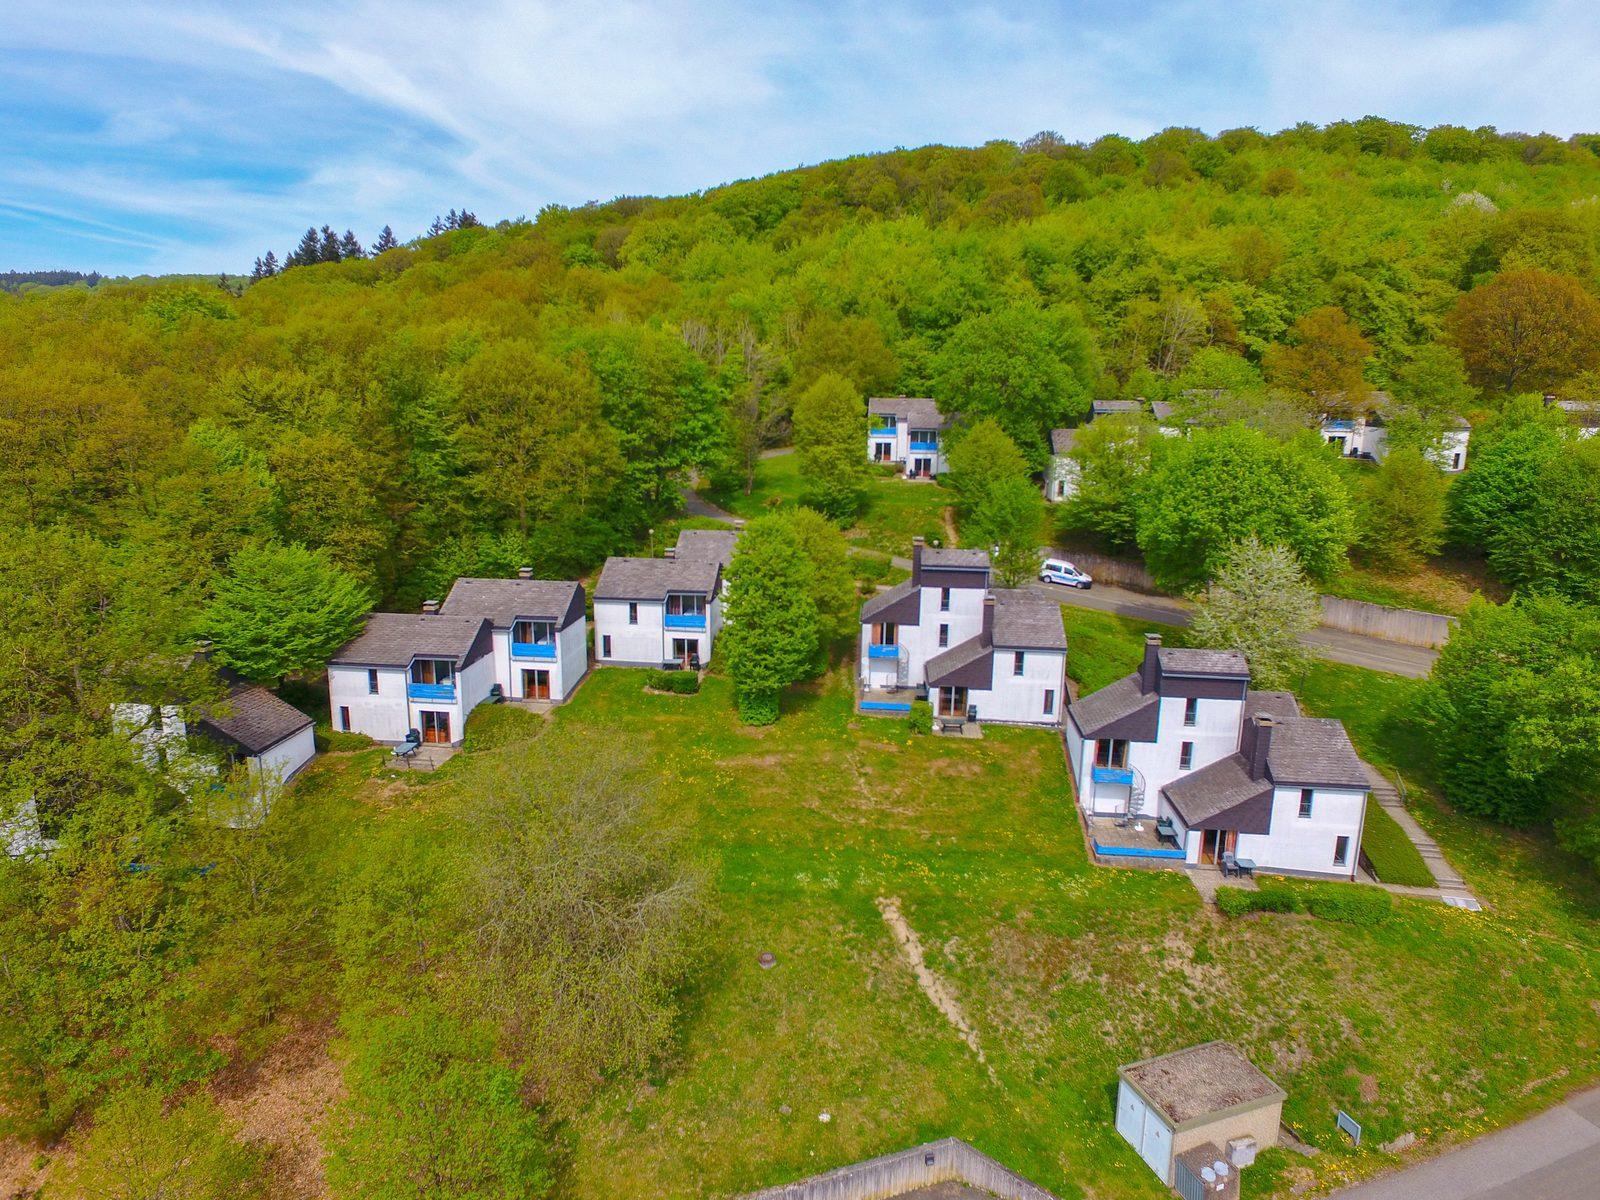 Vakantiehuisjes Hambachtal